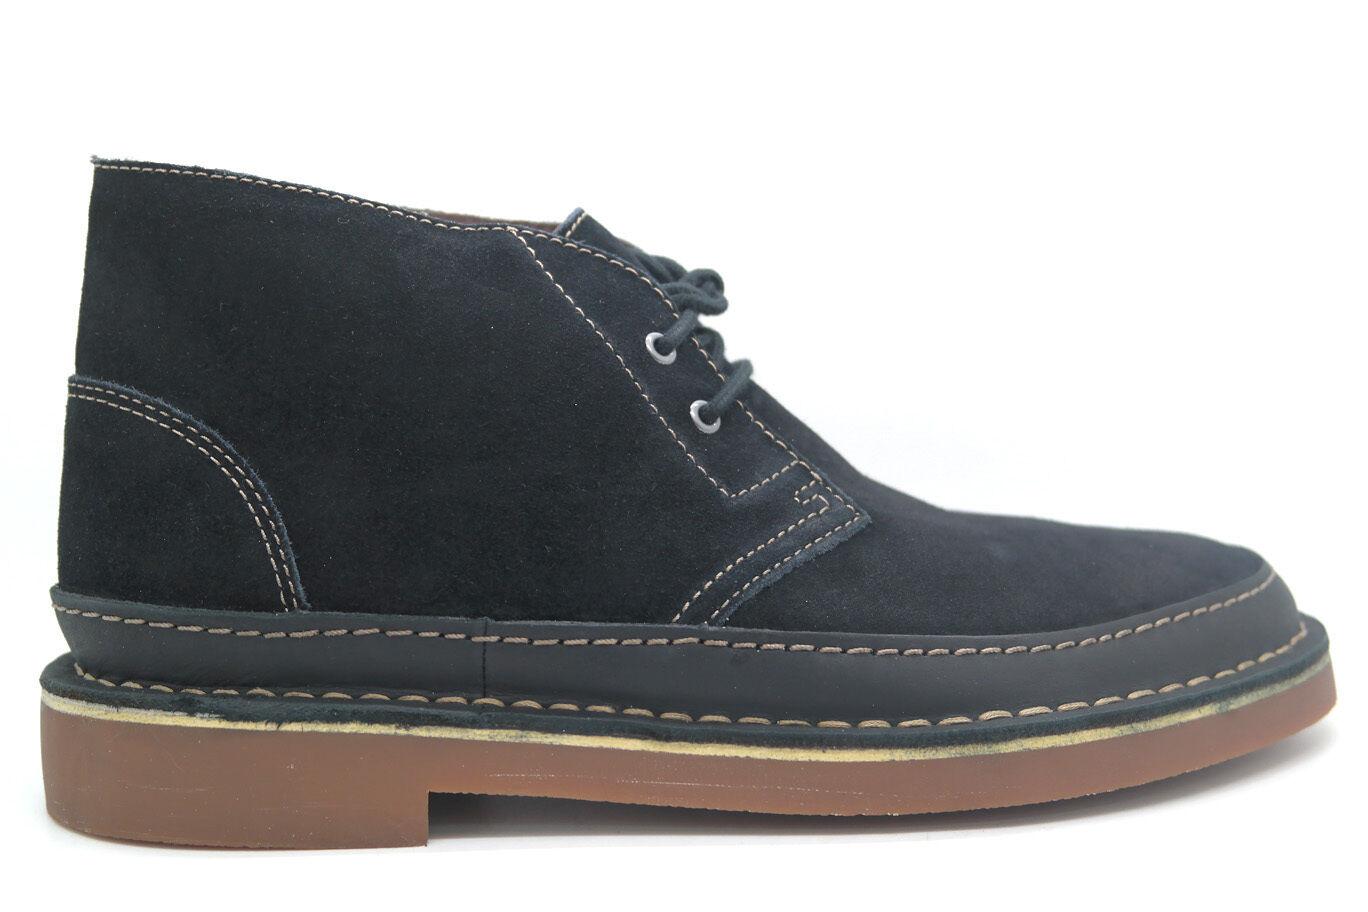 [BUSHACRE RAND-07697] CLARKS RAND BUSHACRE RAND CLARKS hommes Chaussures CLARKS noir SUEDM f0ad2d